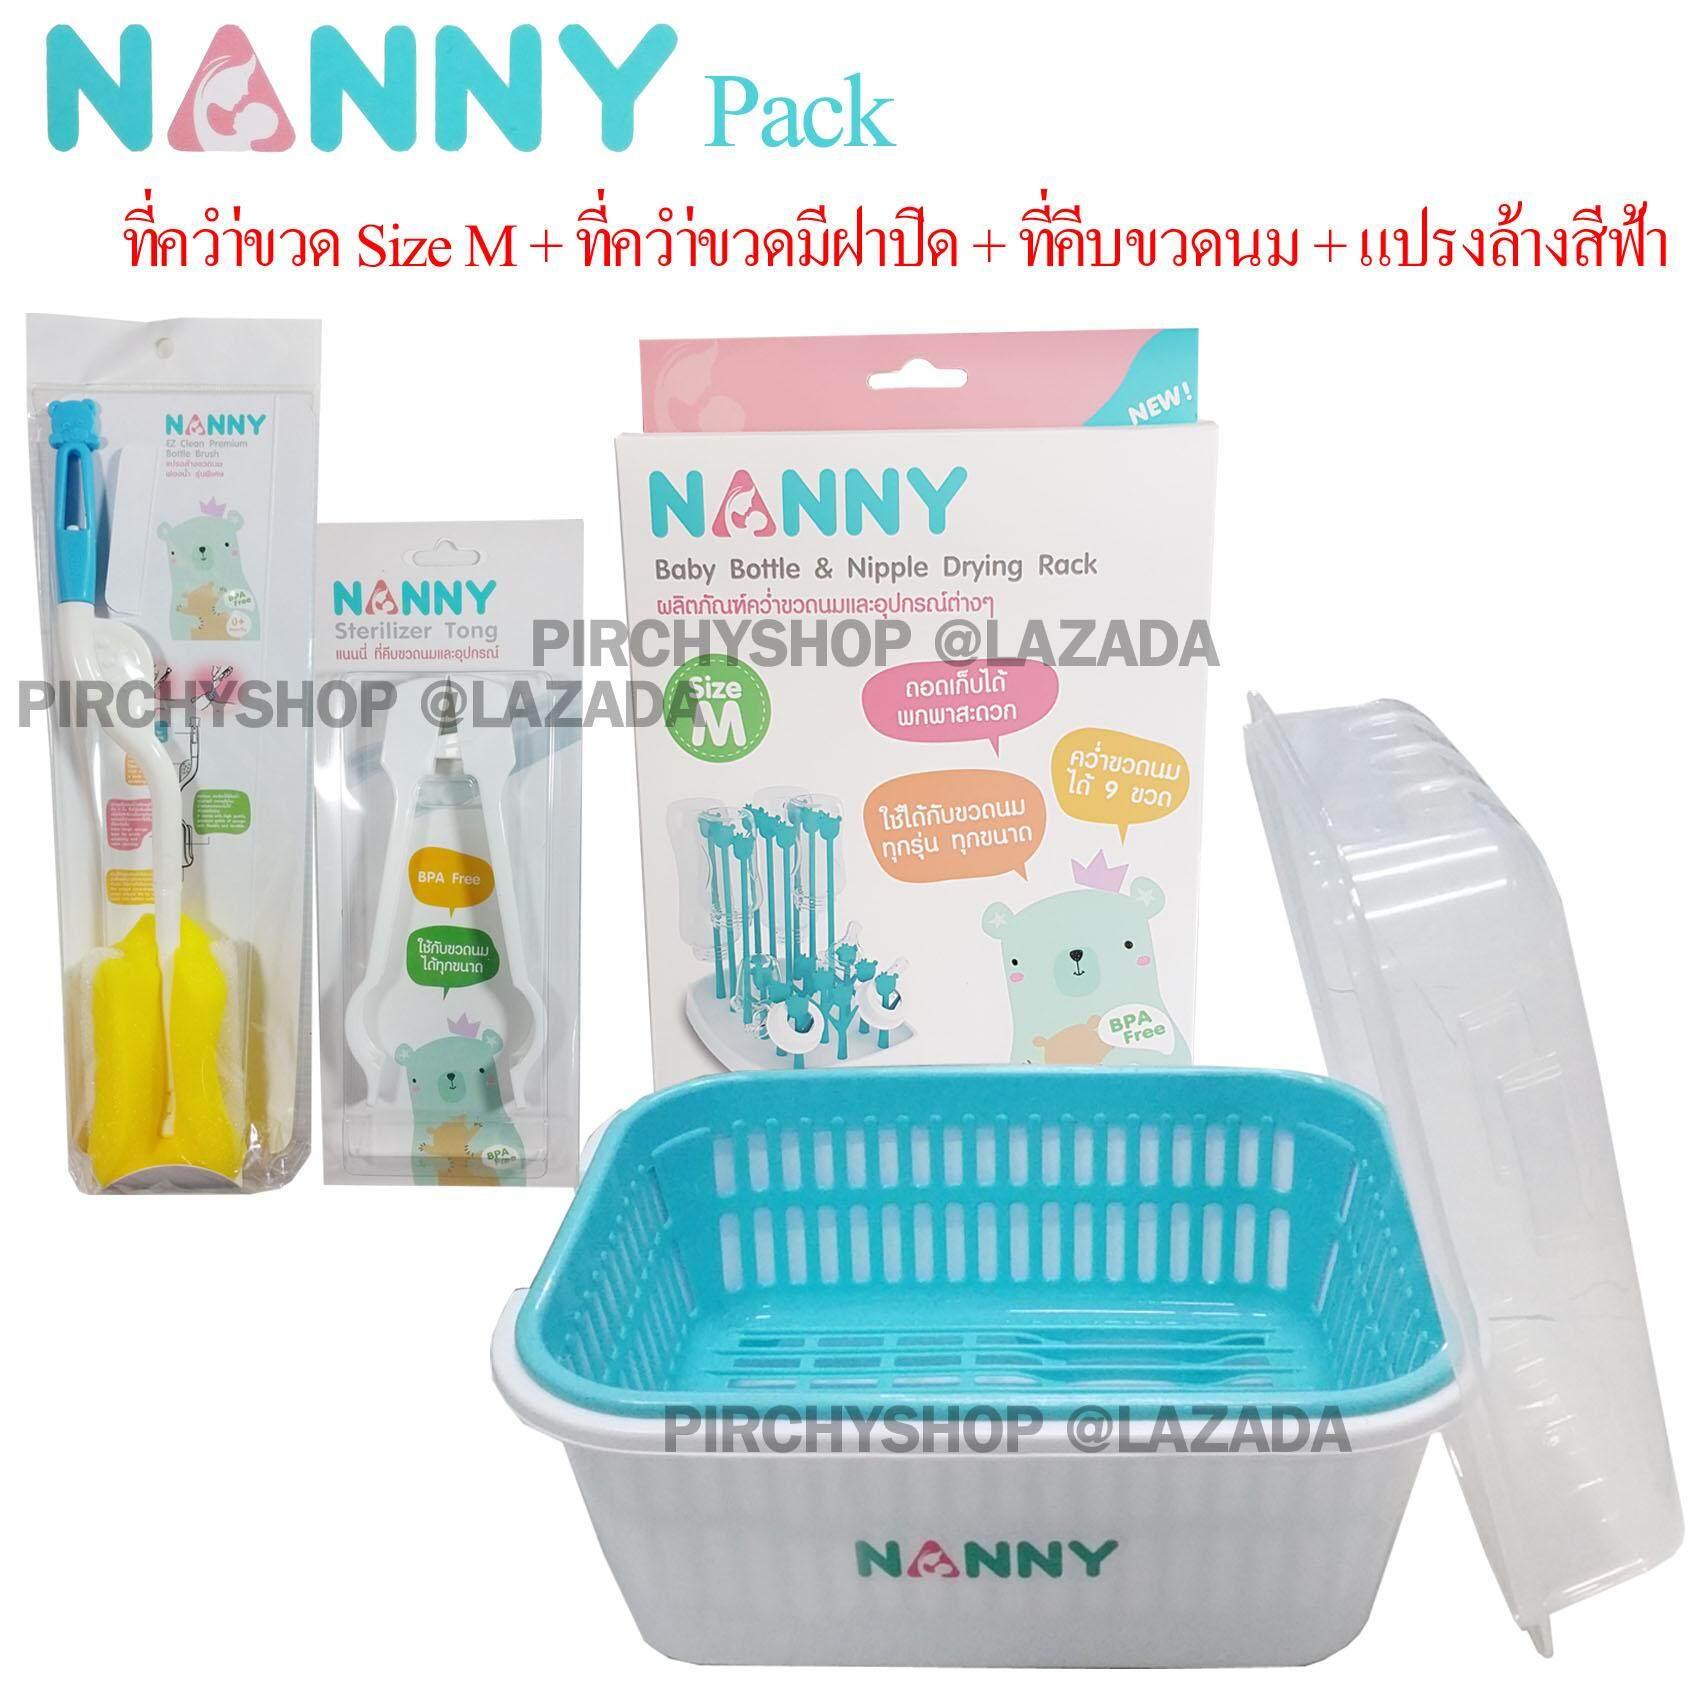 Nanny Set ที่ตากขวดนม Size M + ที่คีบขวดนม + แปรงล้างขวดนมสีฟ้า+ ที่ตากขวดนม ไซส์ใหญ่